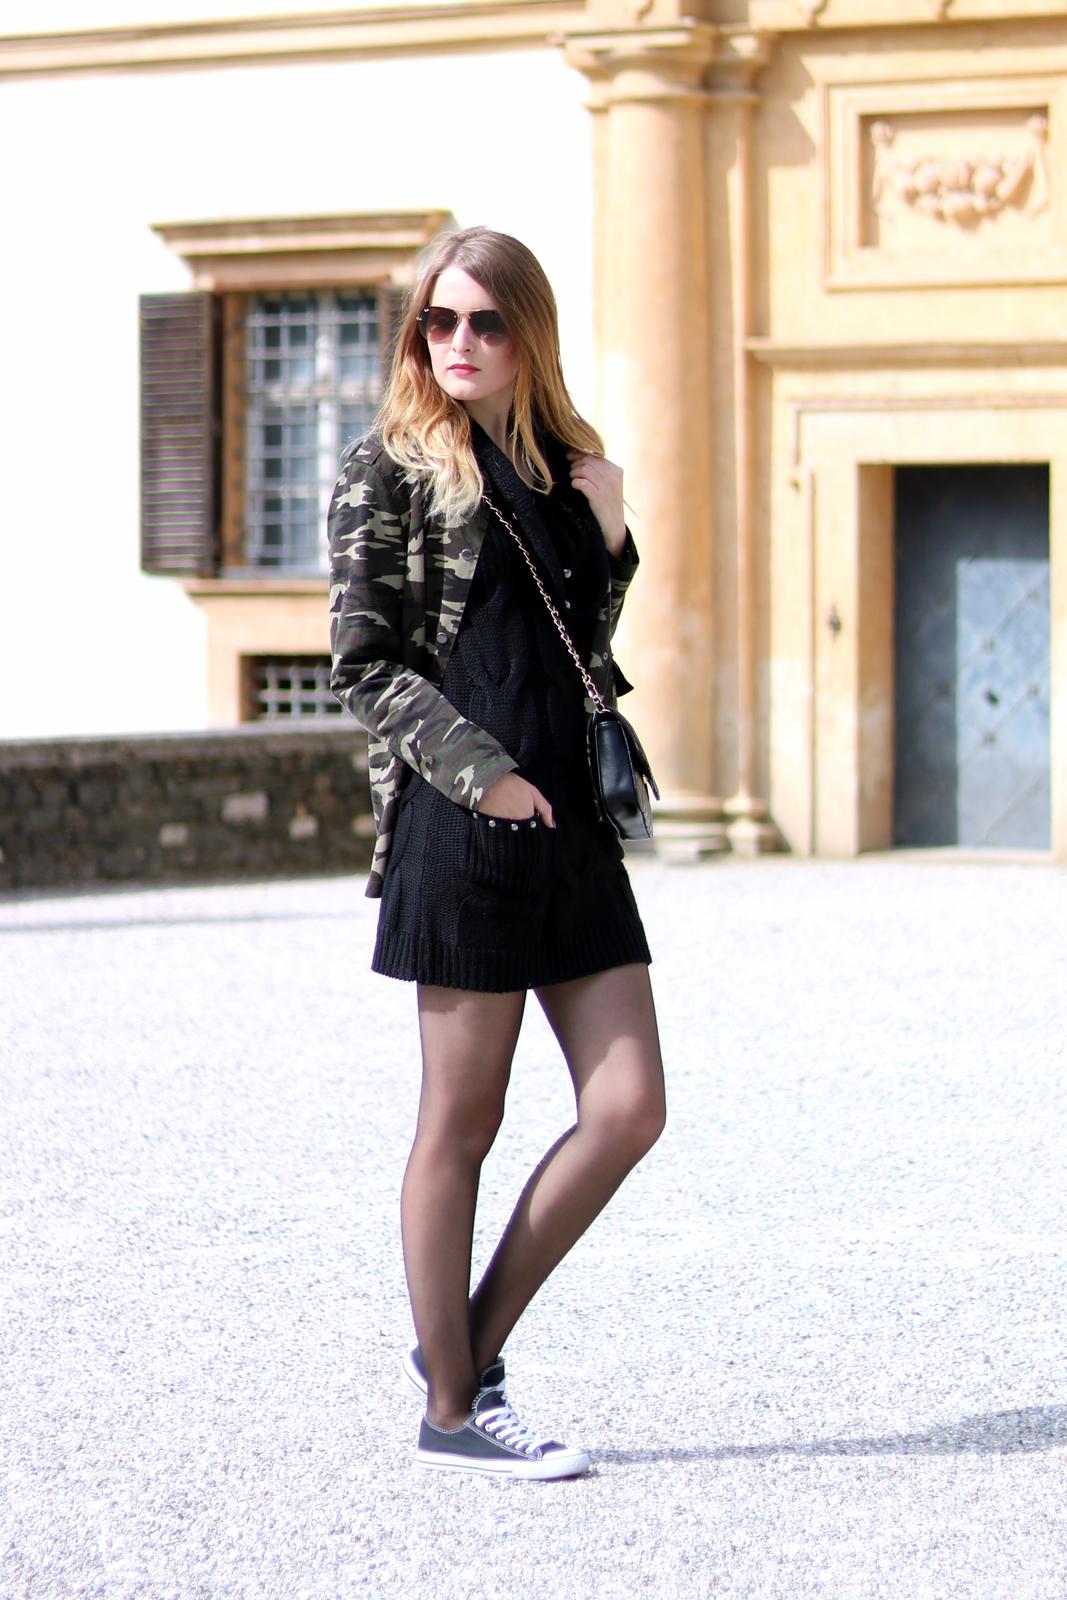 Schwarzes Strickkleid Wie Kombinieren Stilvolle Abendkleider In